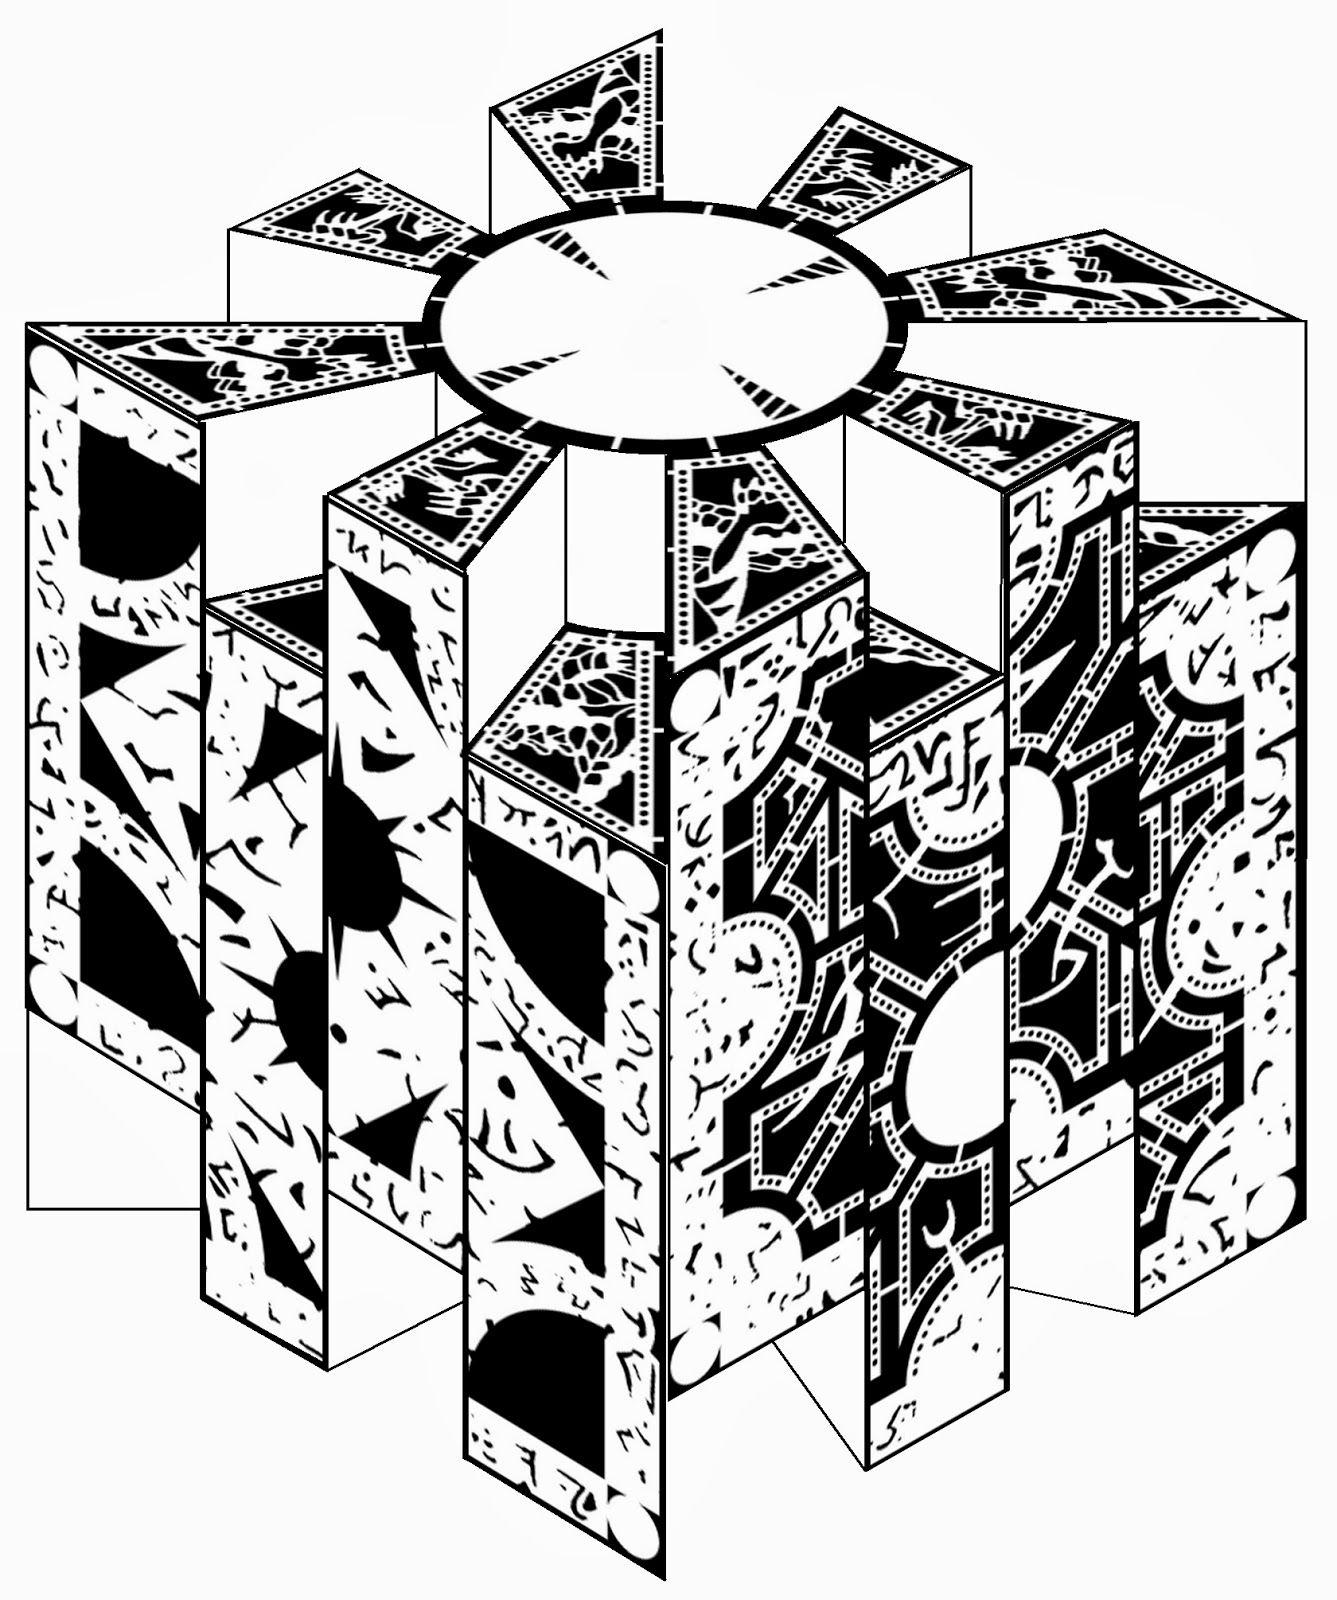 on raiser puzzle box schematics